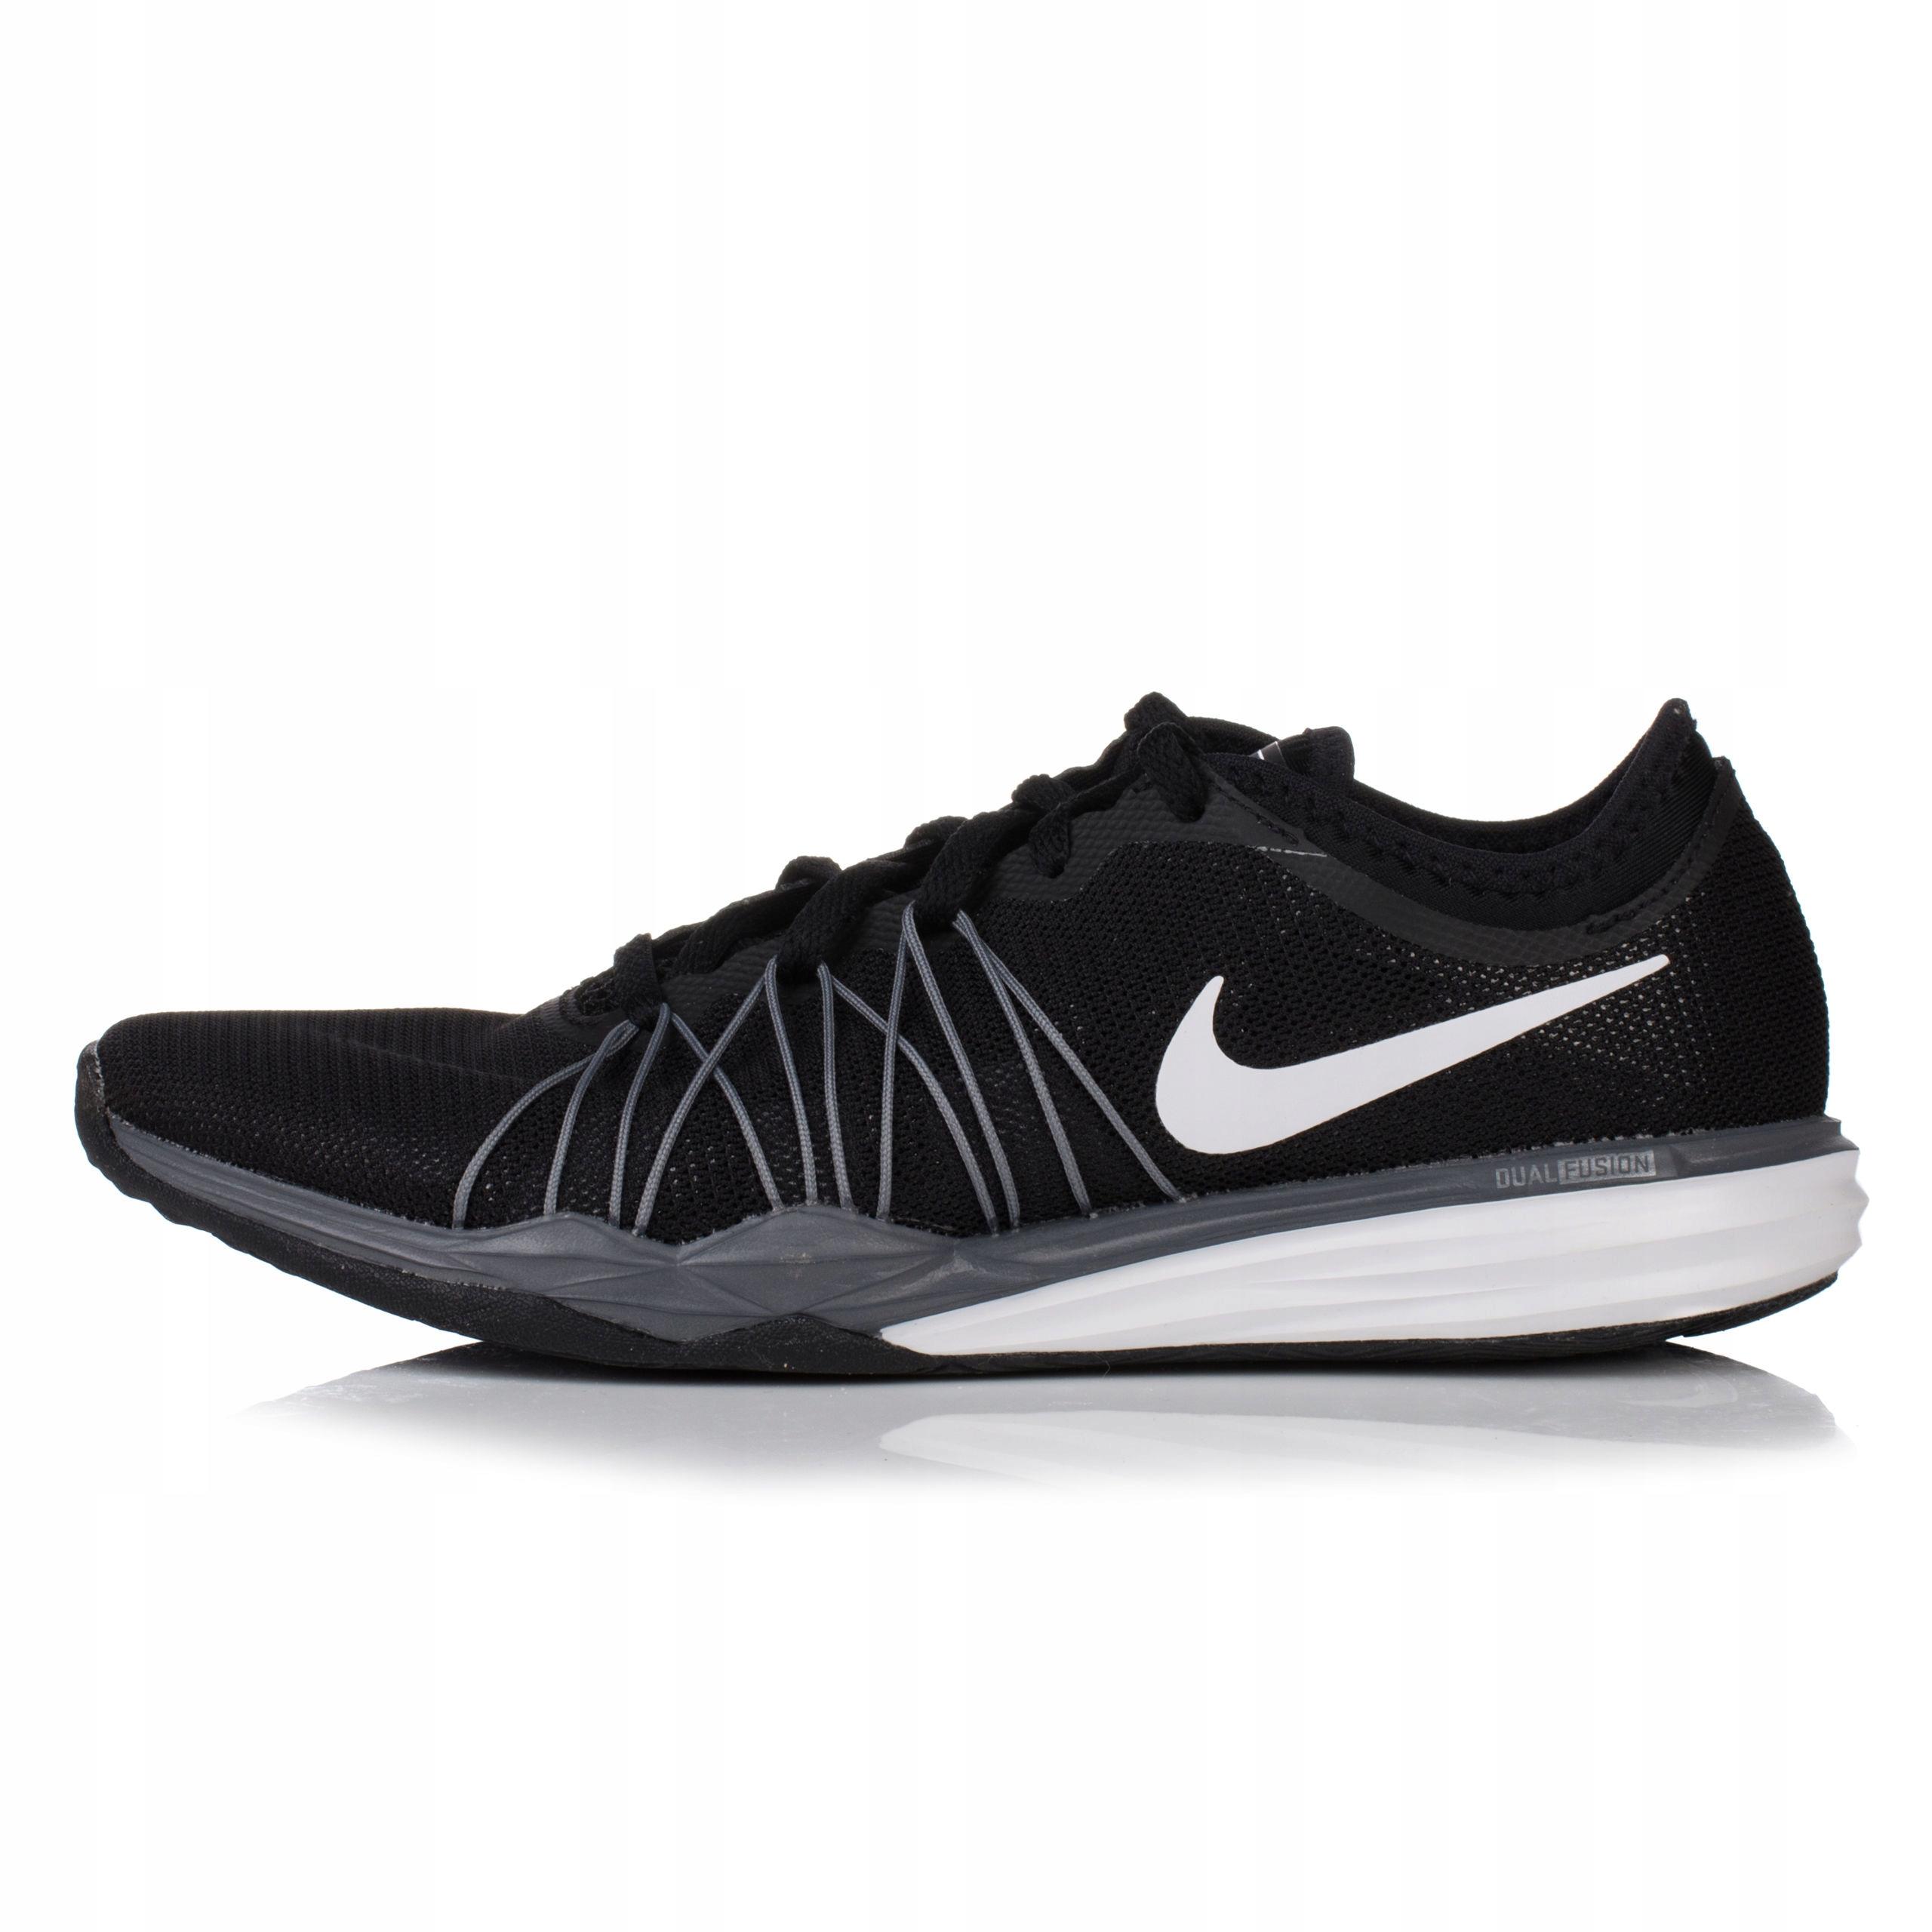 Buty damskie Nike Dual Fusion czarne 844674 001